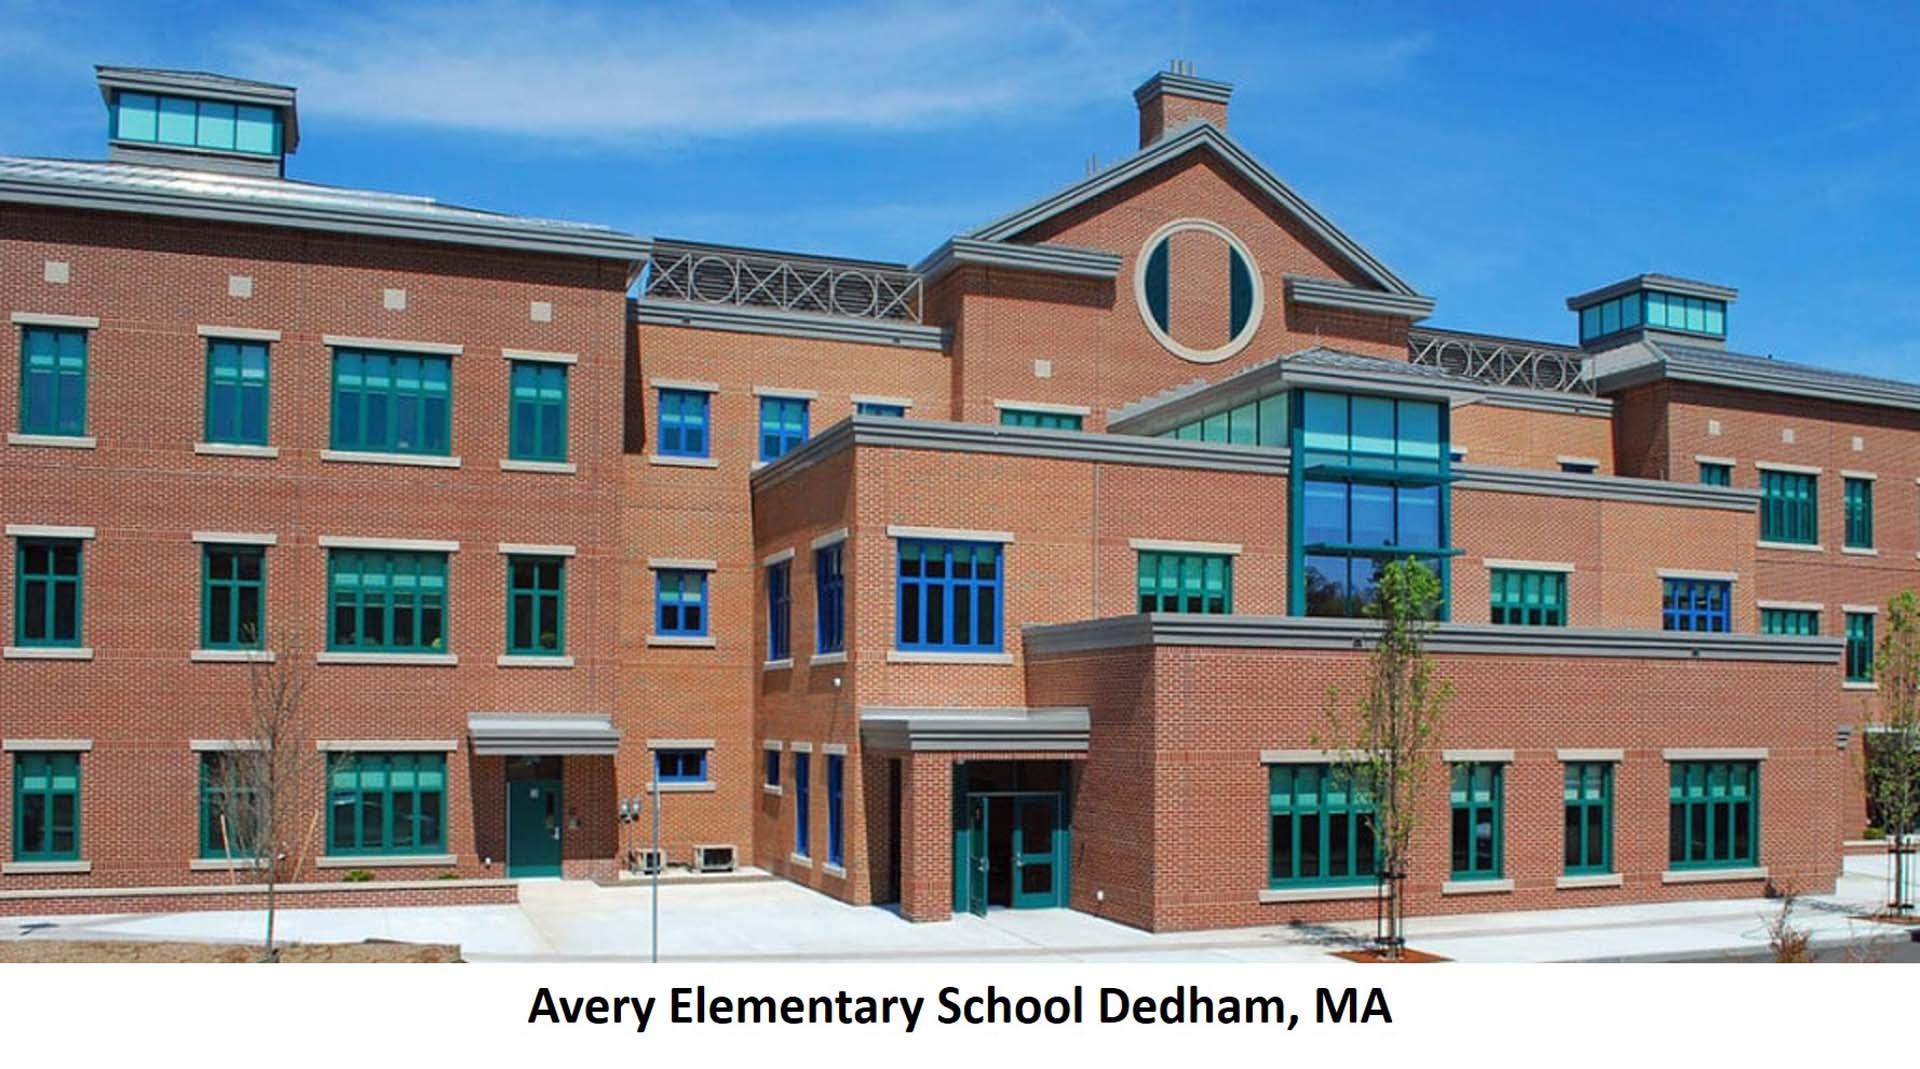 Avery Elementary School Dedham MA